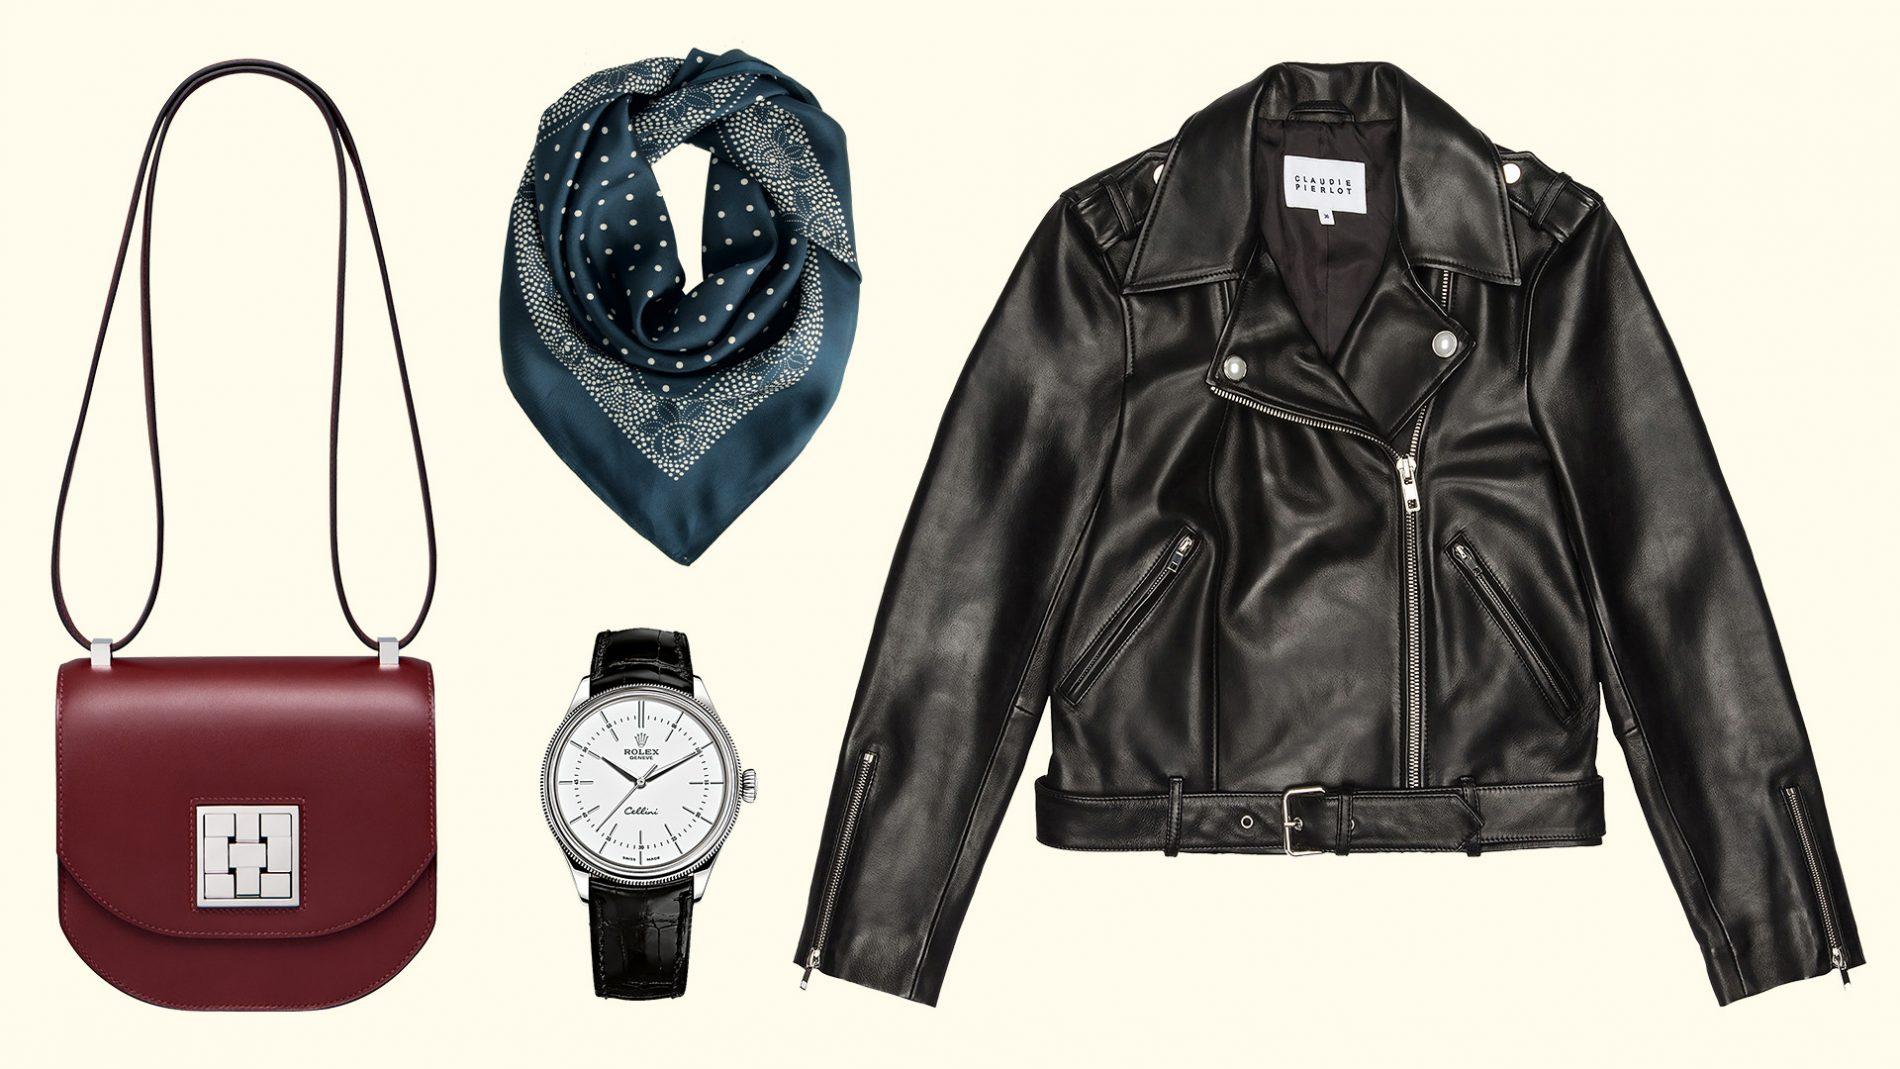 El Corte Inglés Diseñador Zapatos Bolsos Bufanda Reloj Cuero Hermes Ralph Lauren Claudie Pierlot Rolex